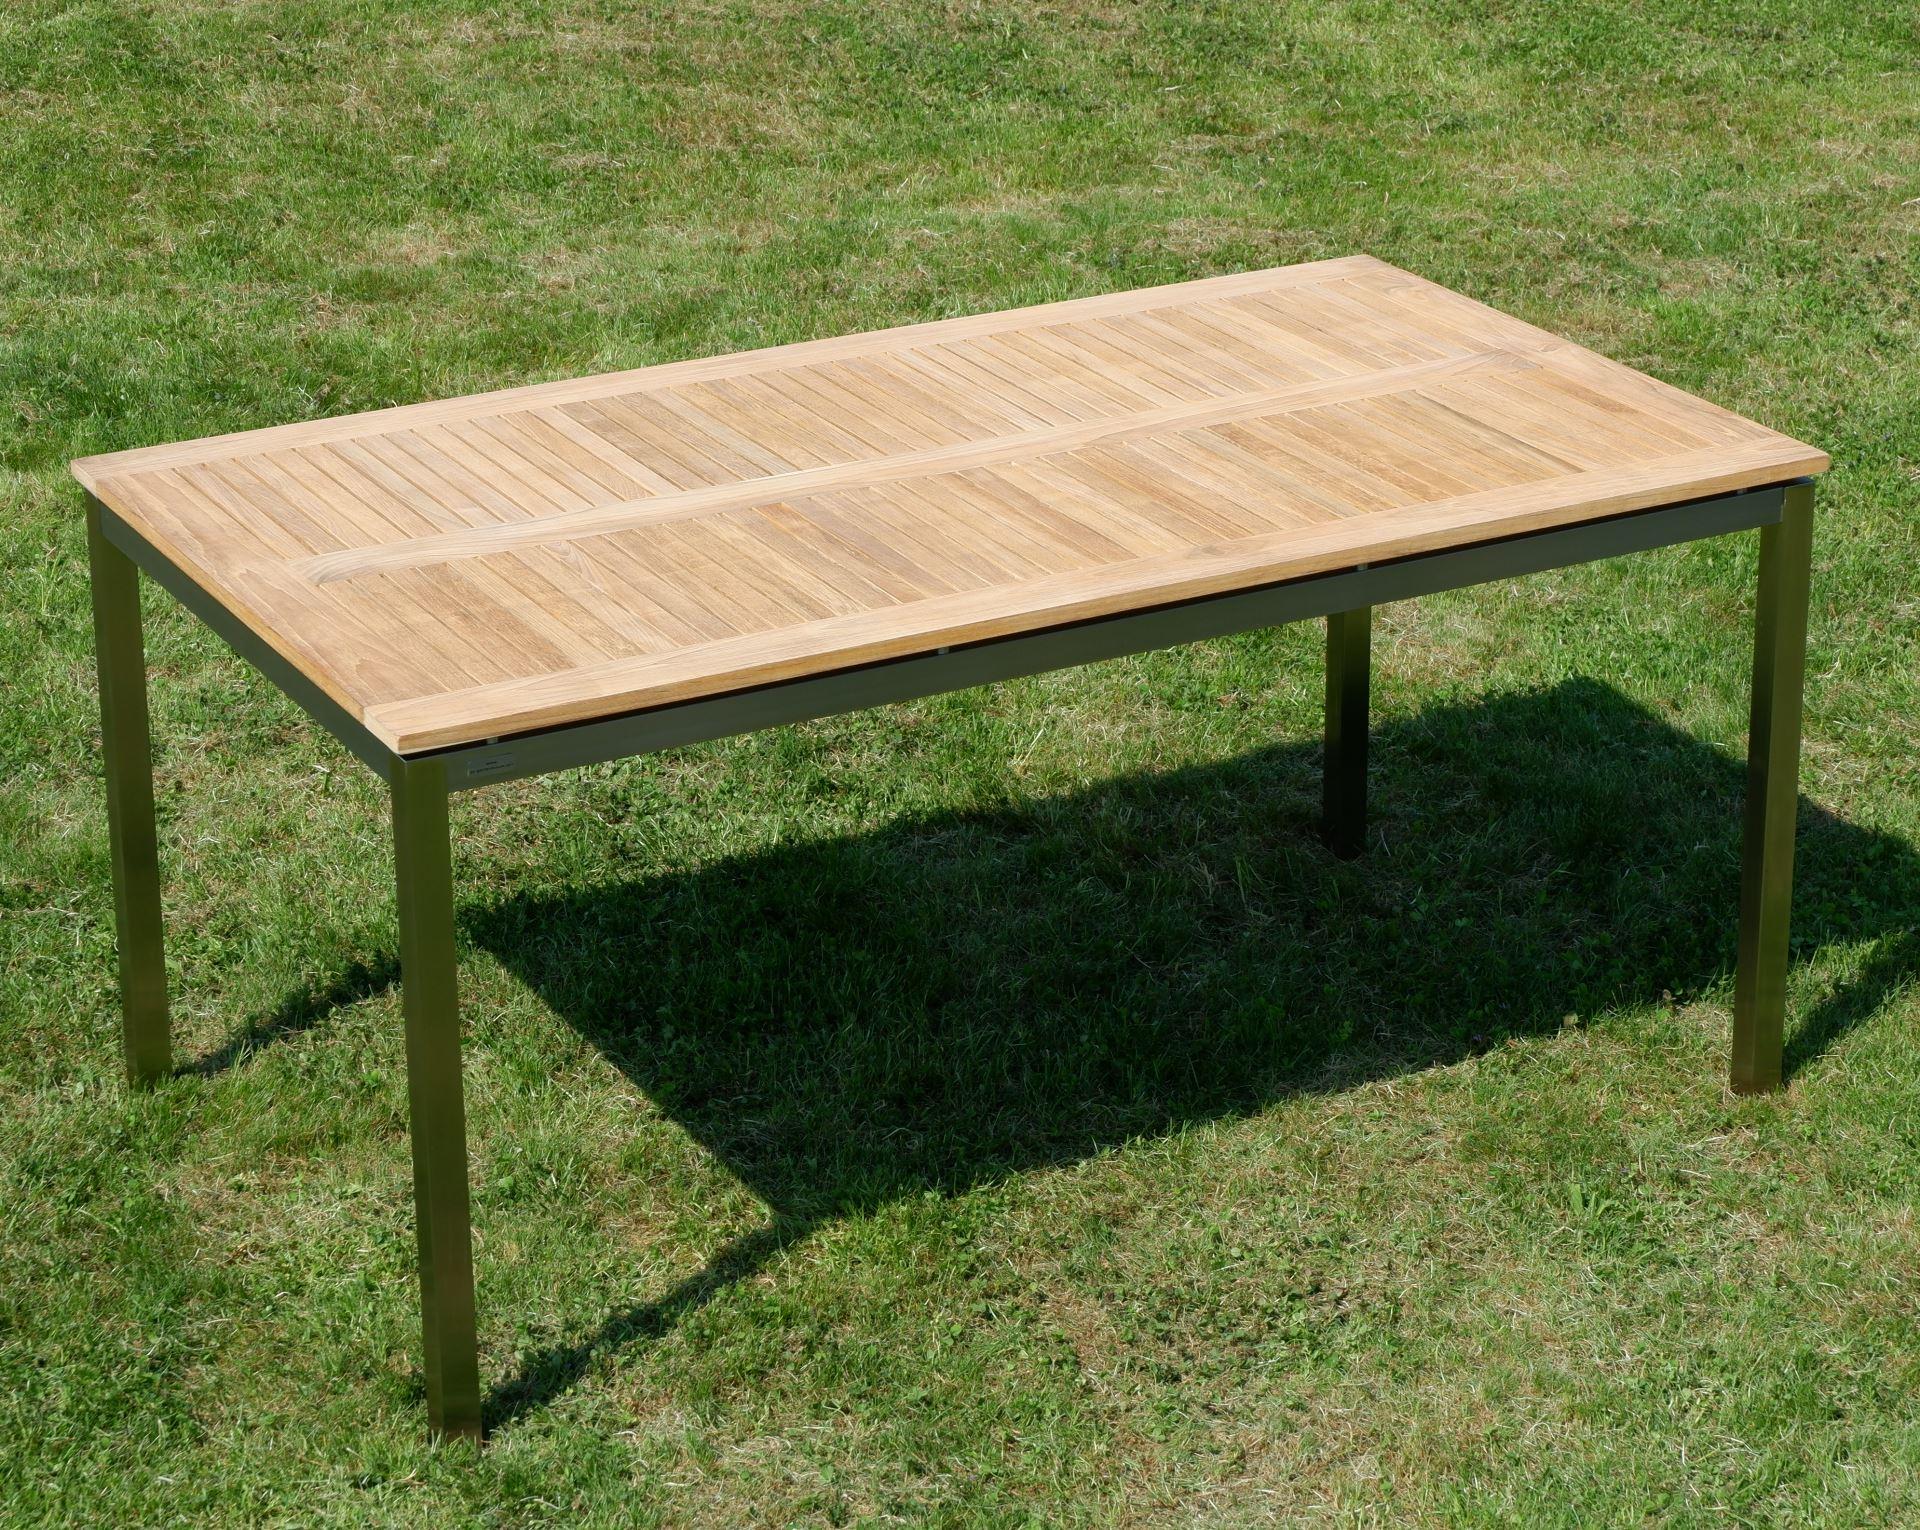 Edelstahl Teak Gartentisch 160x90 Cm Holztisch Esstisch Tisch